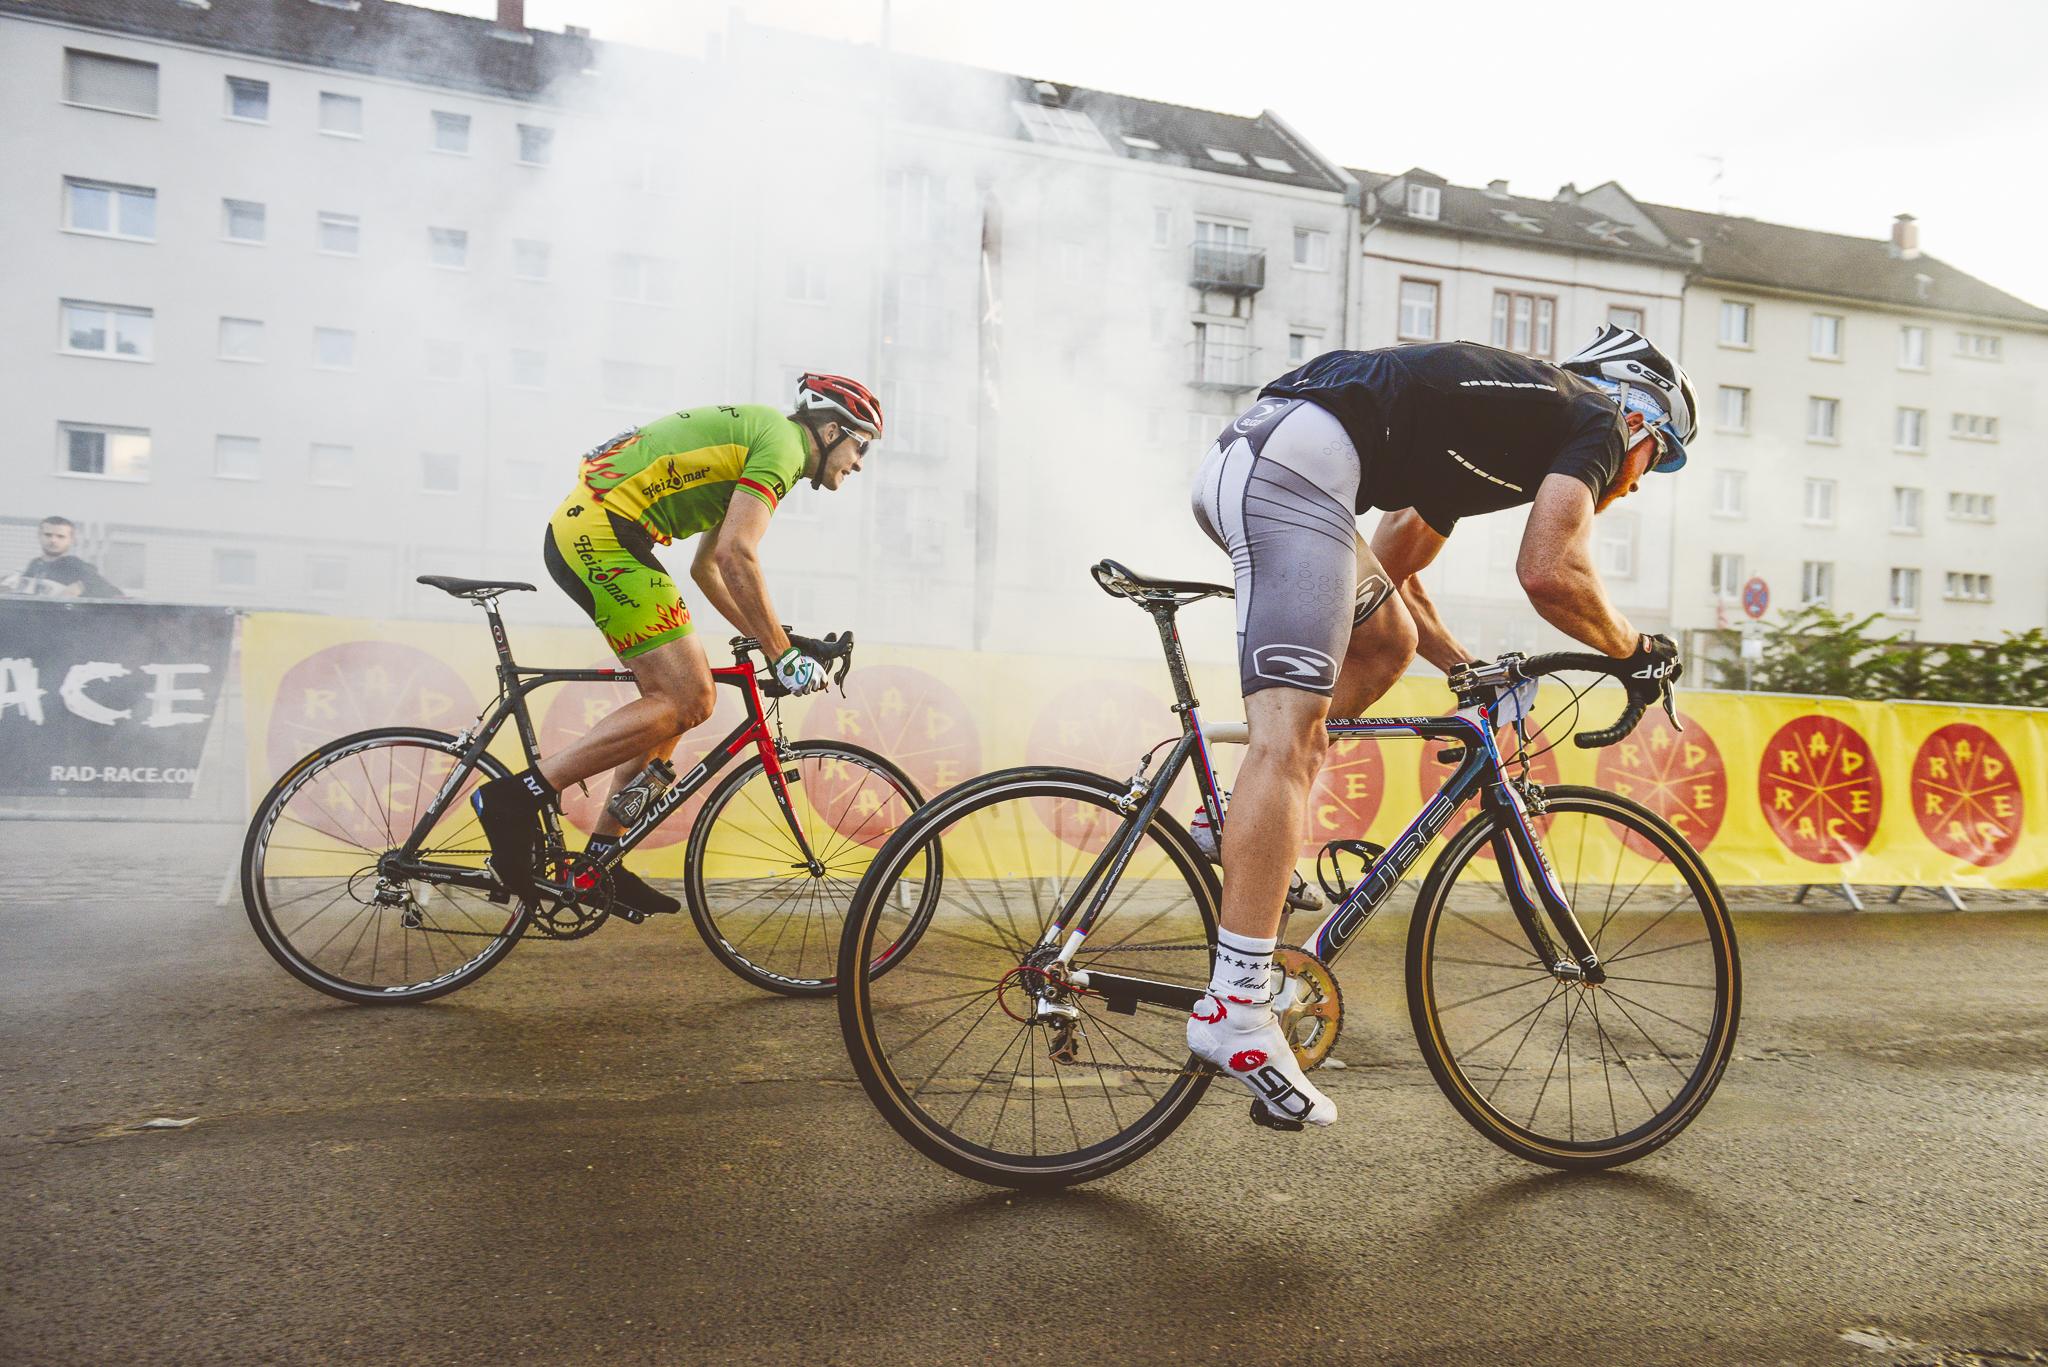 RAD RACE BATTLE OFFENBACH_Pic by www.lifedraft.de_3.jpg